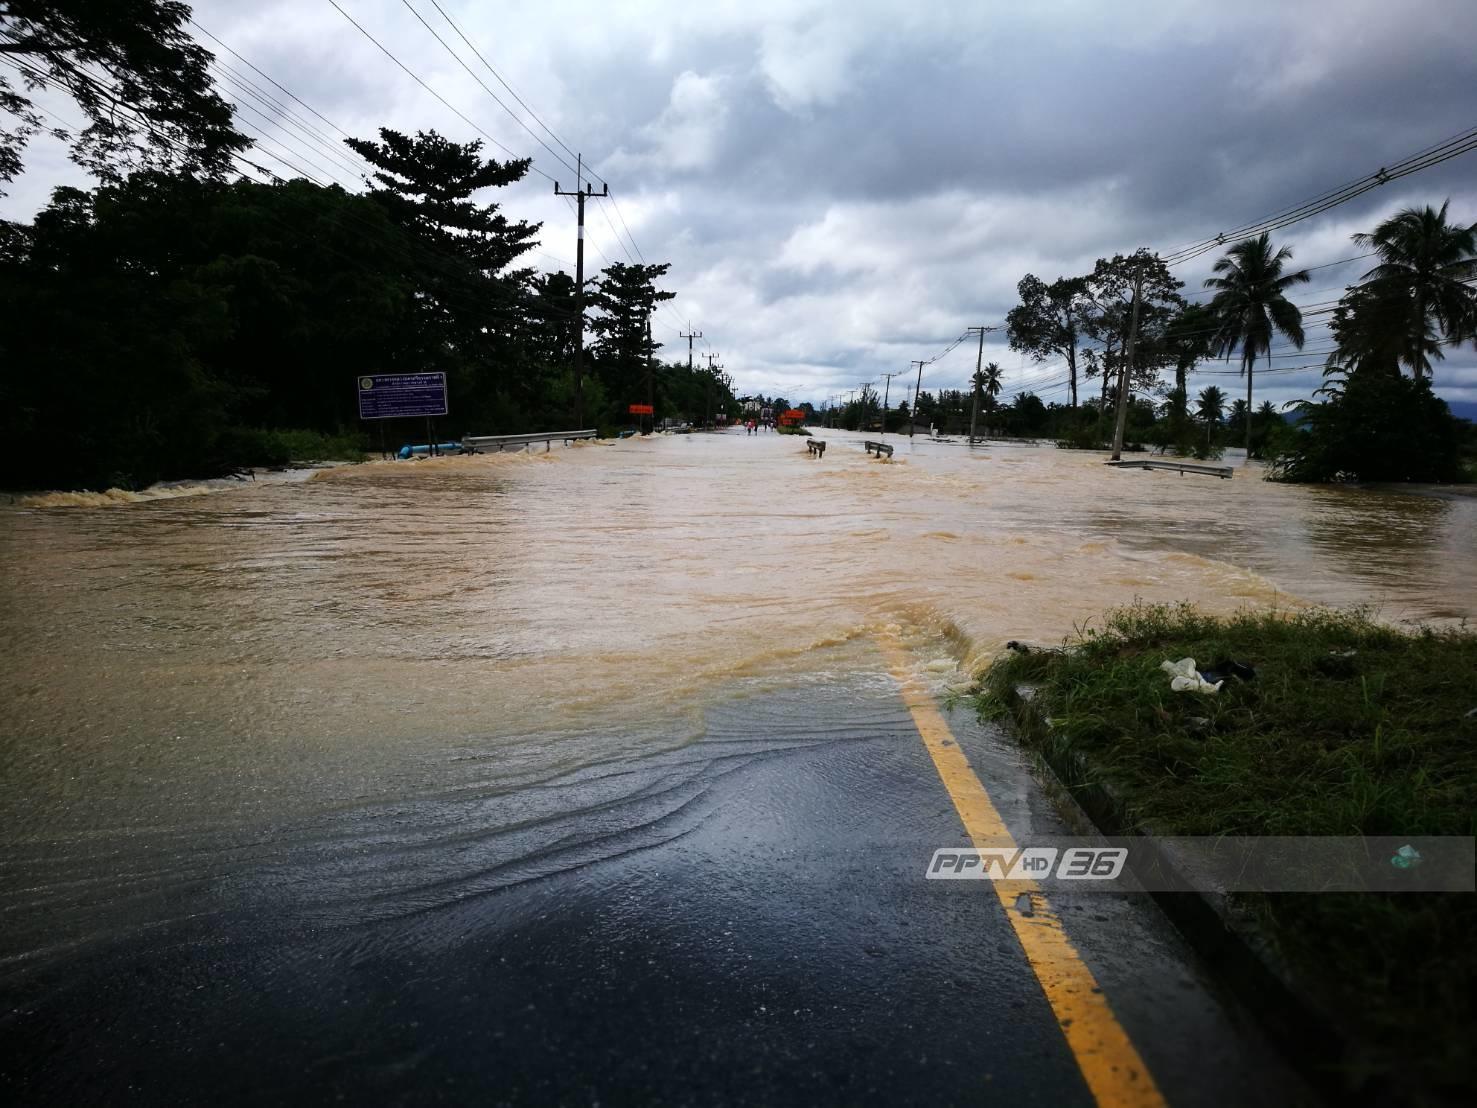 """น้ำท่วมนครศรีธรรมราชยังวิกฤต พบข้อมูล """"รถเล็ก"""" ถูกน้ำป่าซัดหลายคัน"""